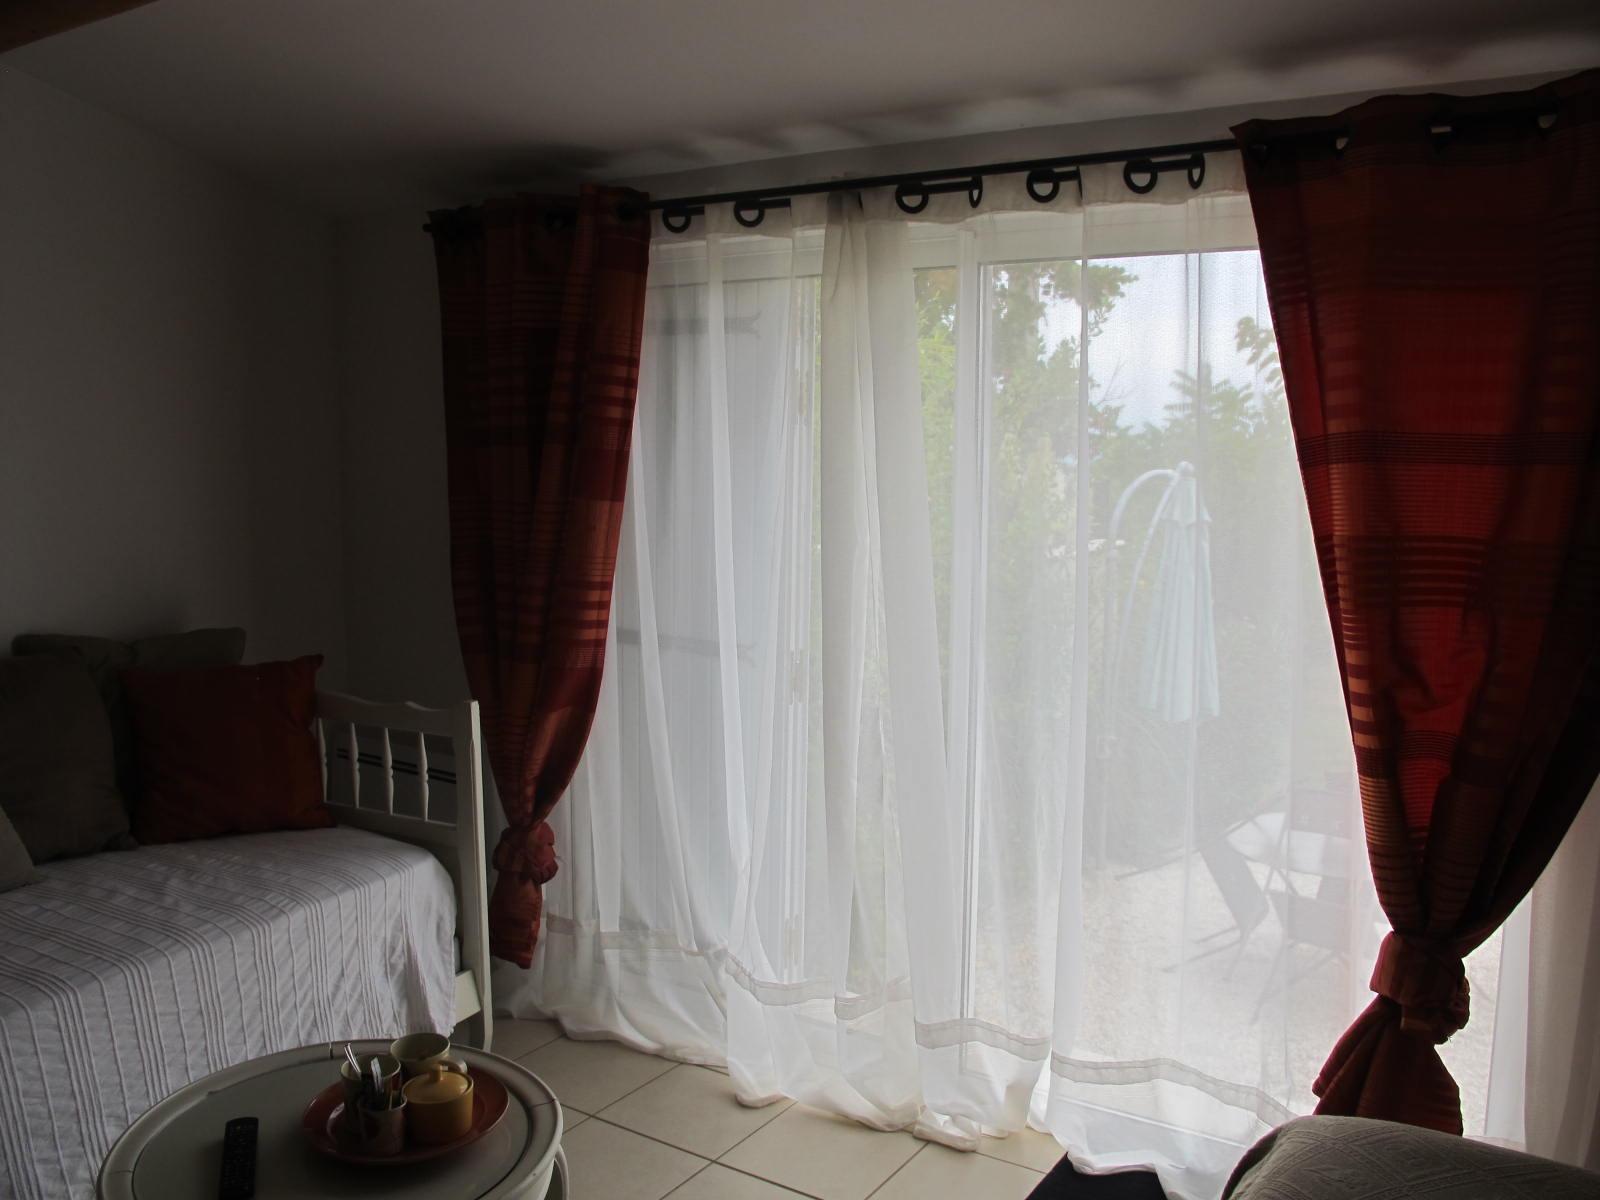 loucardaline-hébergement-bedoin-ventoux-chambre d hotes-vaucluse-familliale -terrasse sur jardin-calme